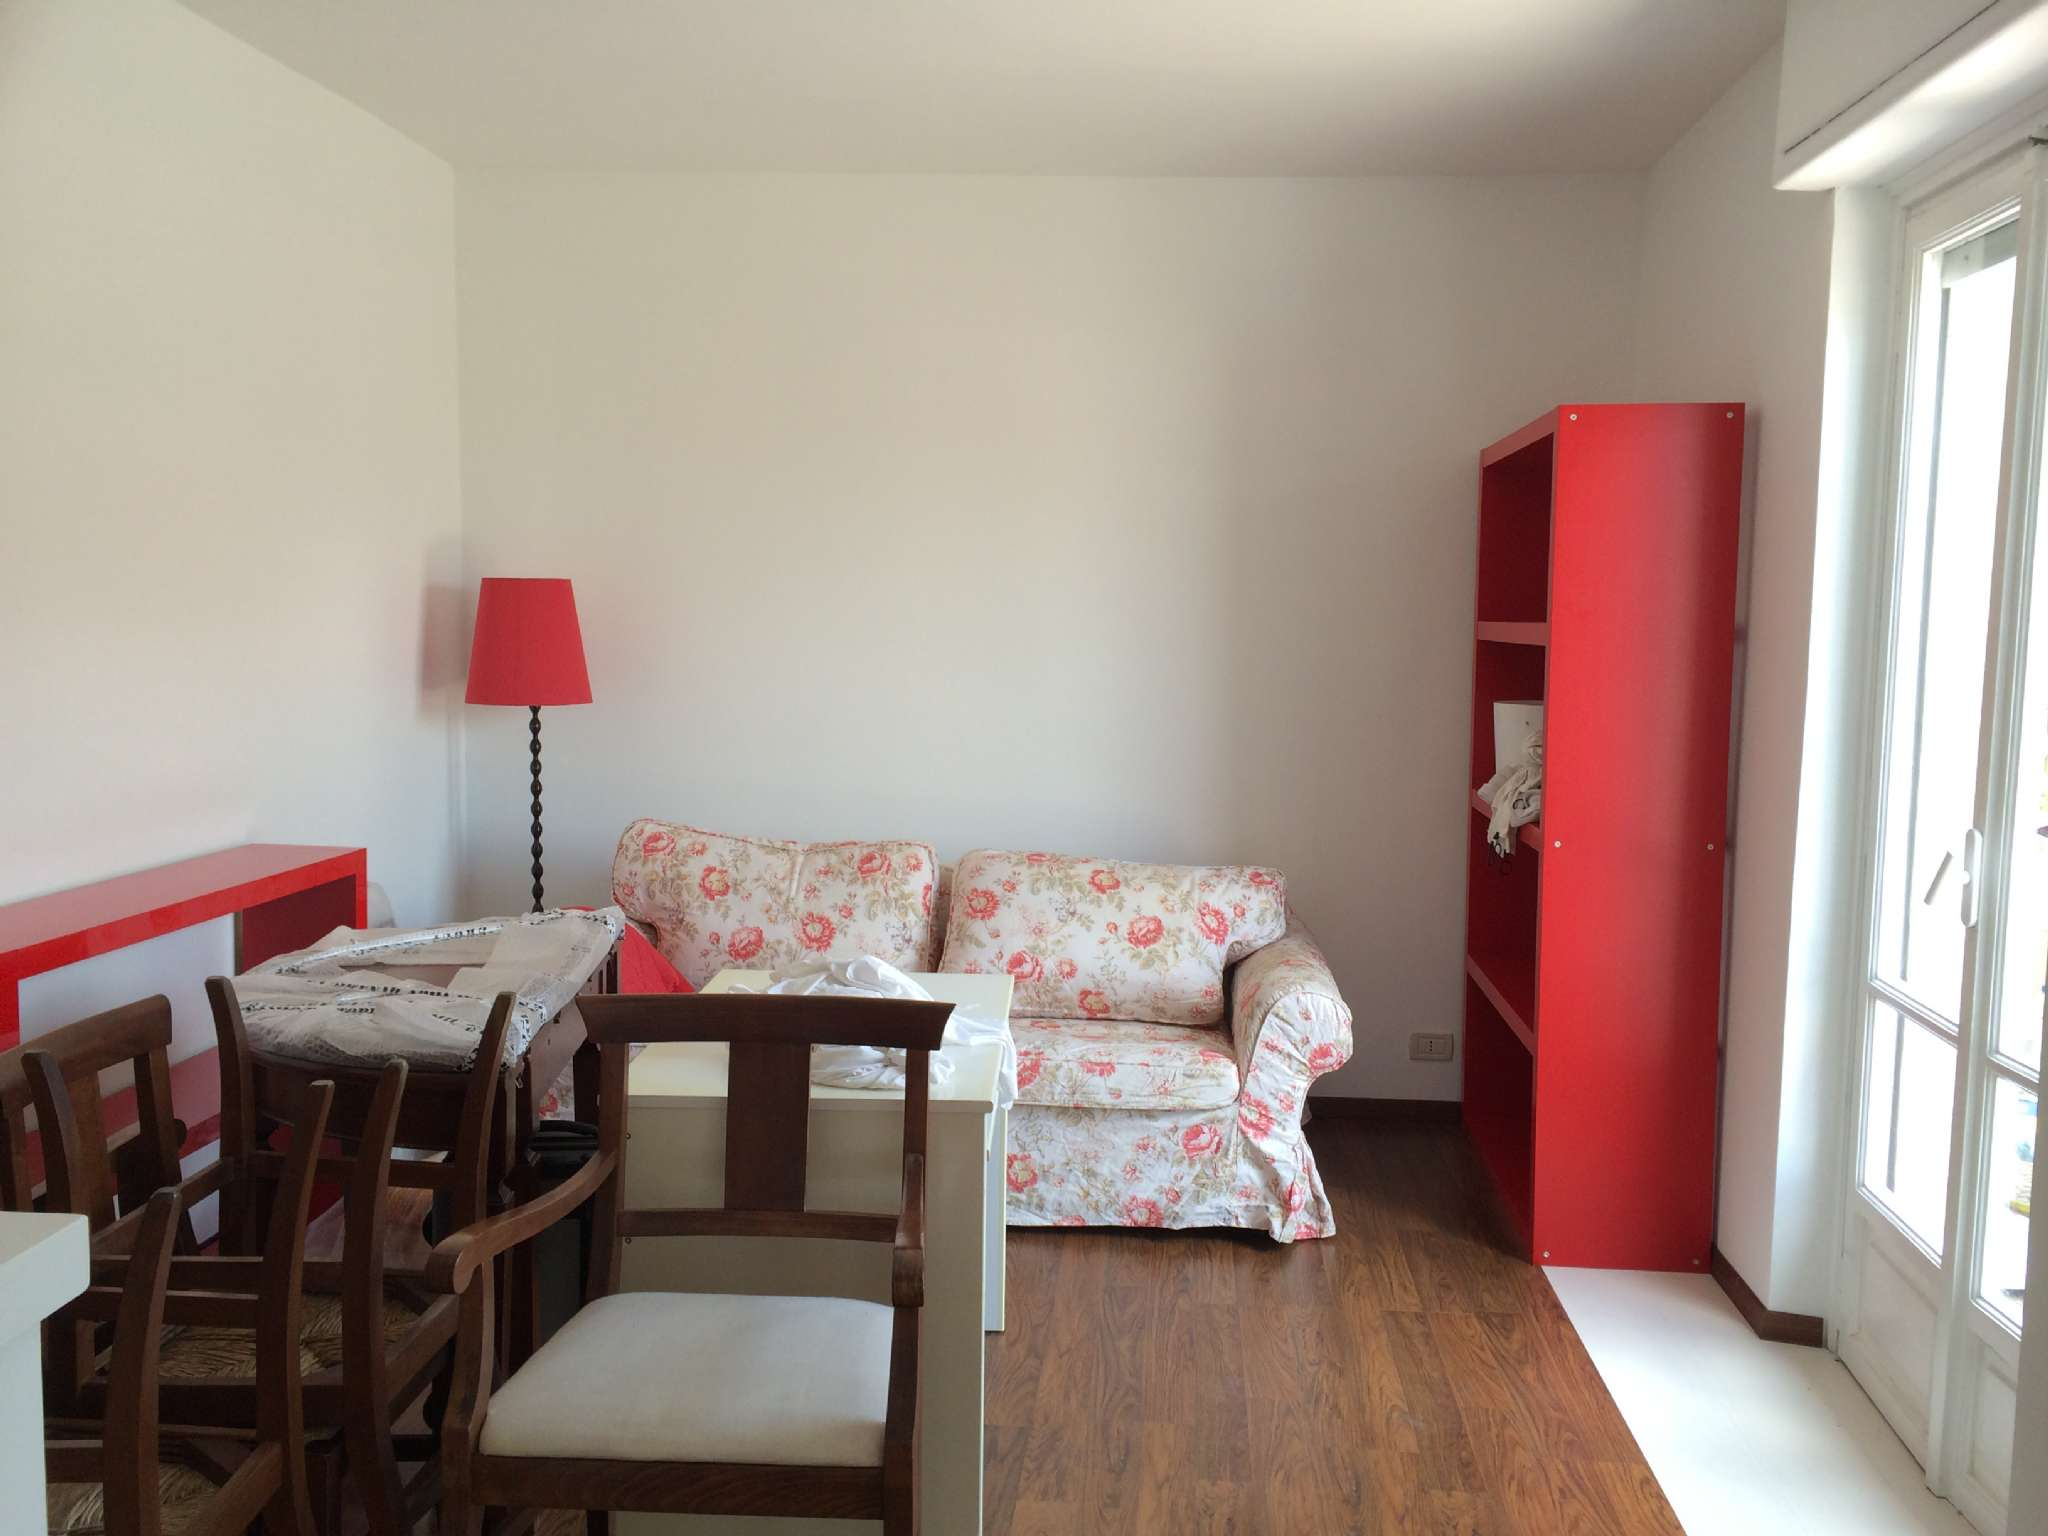 Attico / Mansarda in affitto a Torino, 3 locali, zona Zona: 3 . San Salvario, Parco del Valentino, prezzo € 570 | CambioCasa.it